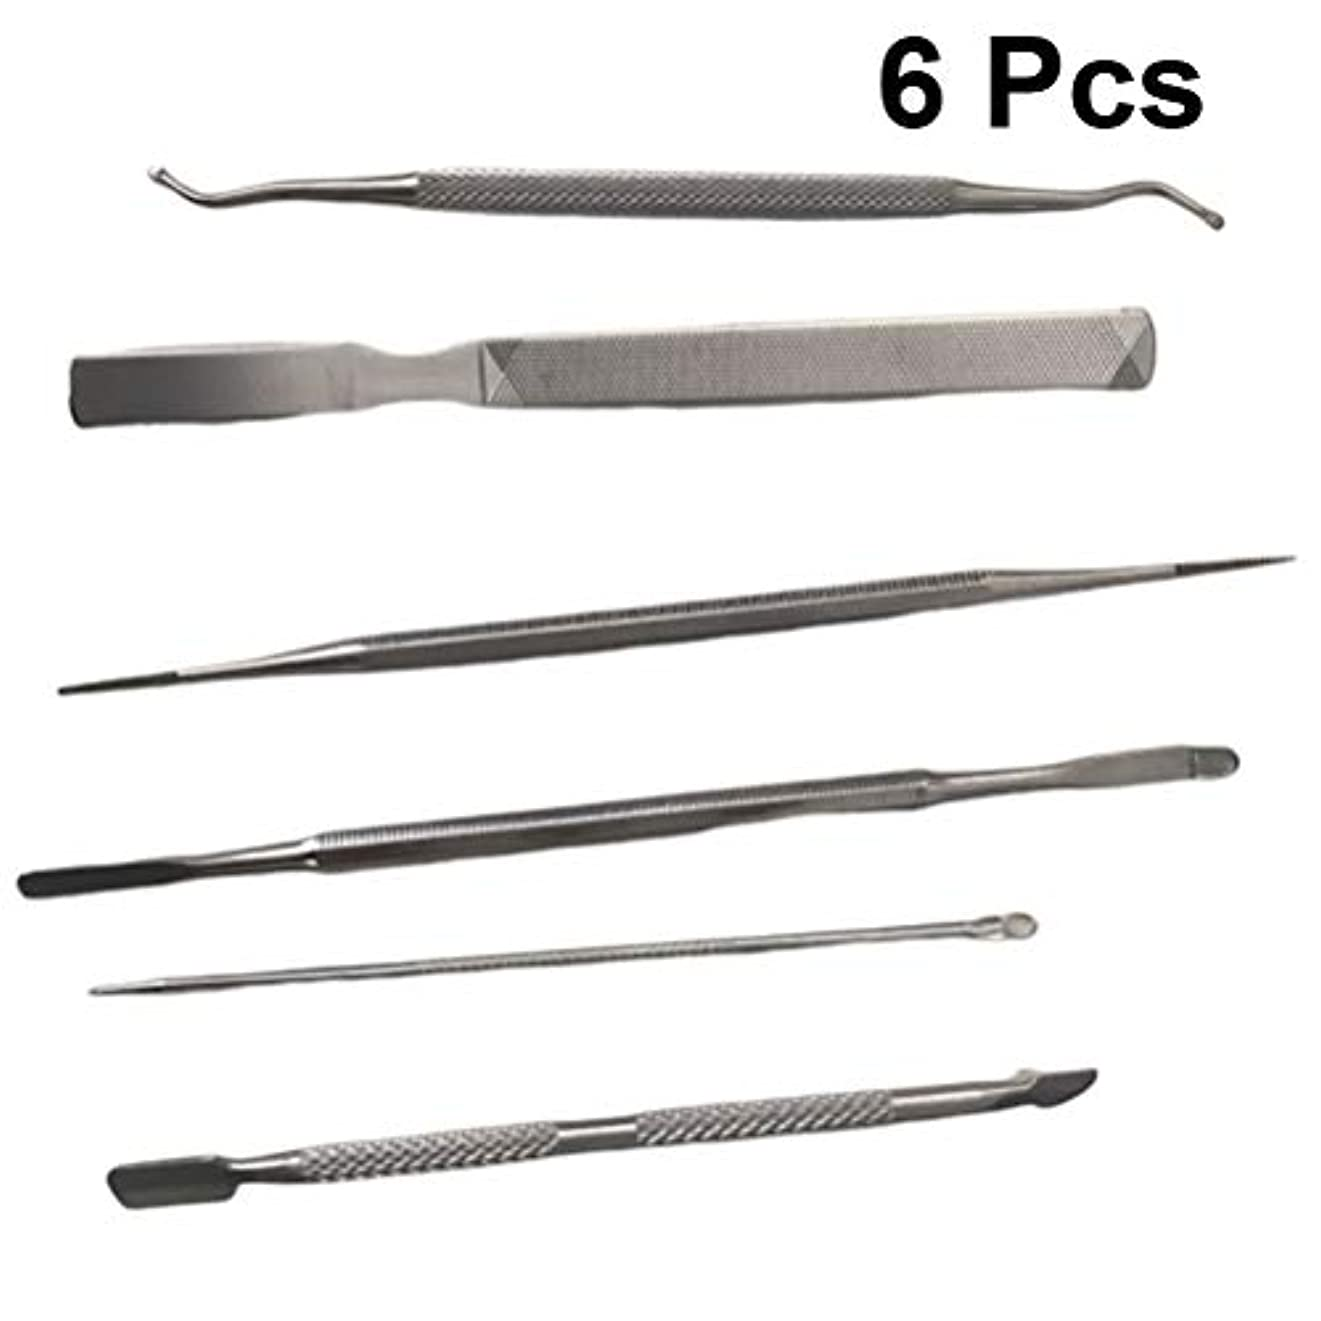 増幅腹痛羊飼いLurrose 6ピースマニキュアペディキュアツールセットプロのステンレス鋼ネイルツールキューティクルニッパープッシャーに成長した爪のファイルネイルアートキット用爪爪